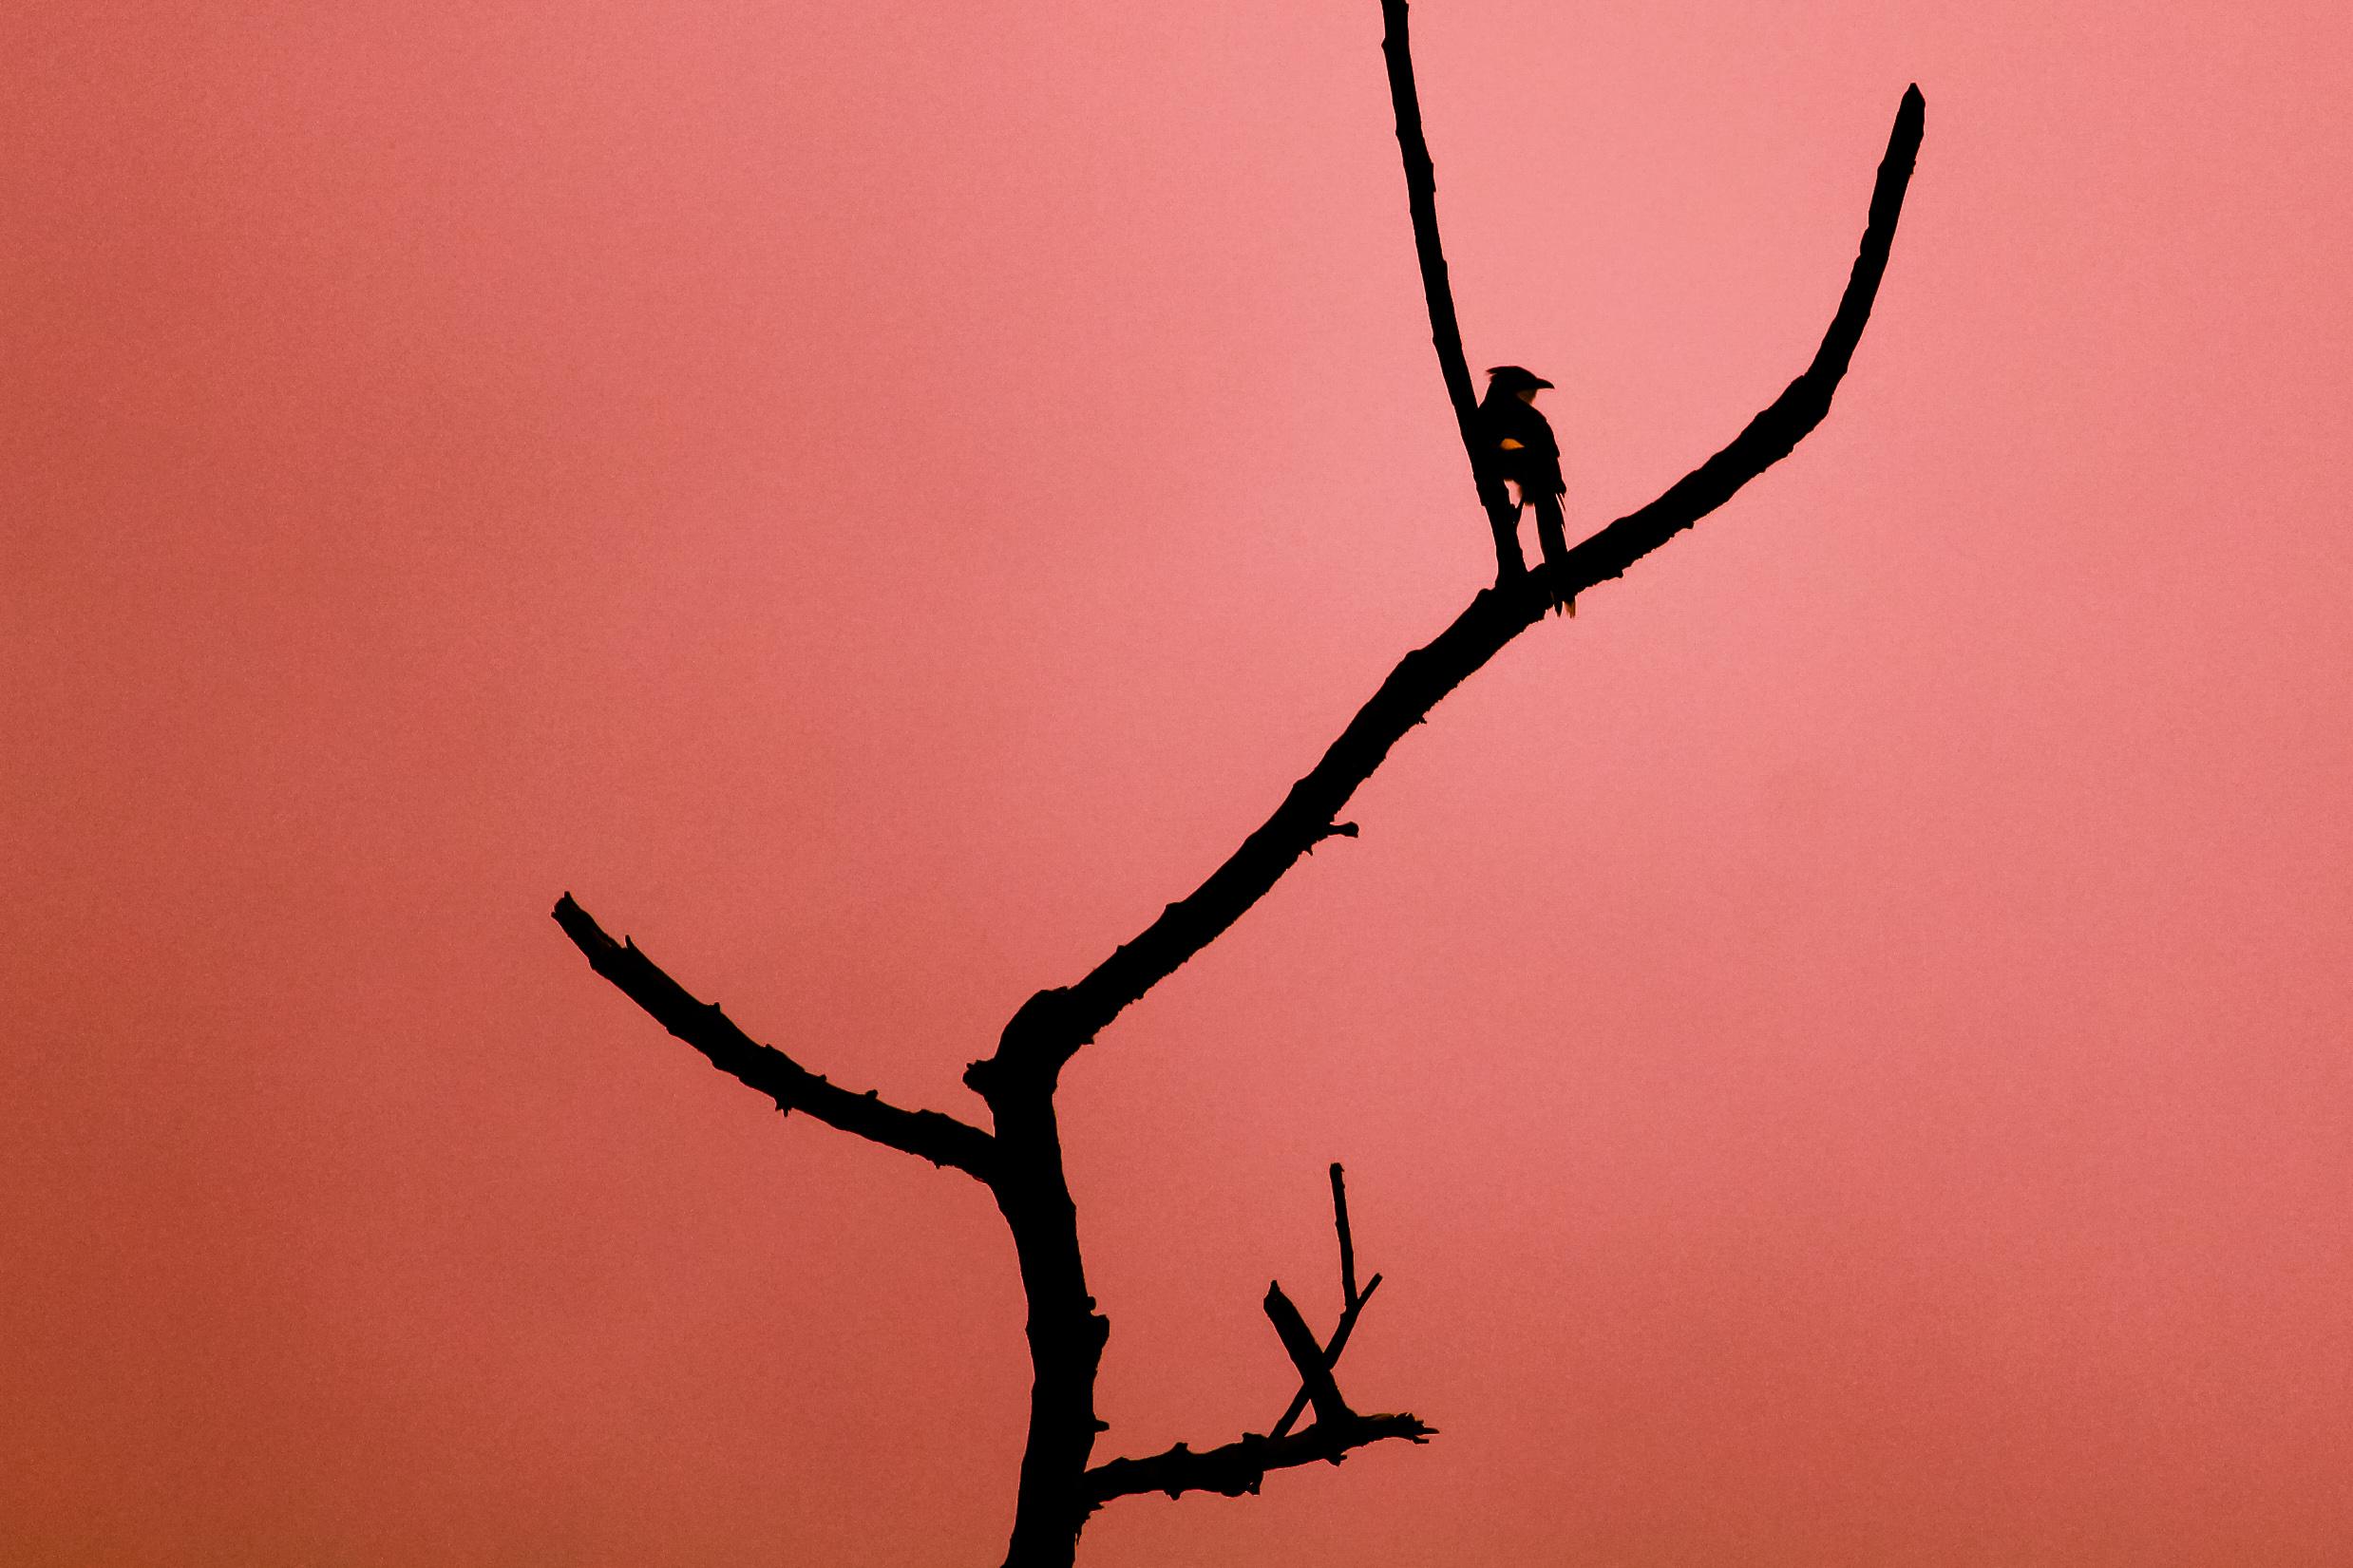 a bird on a dry plant